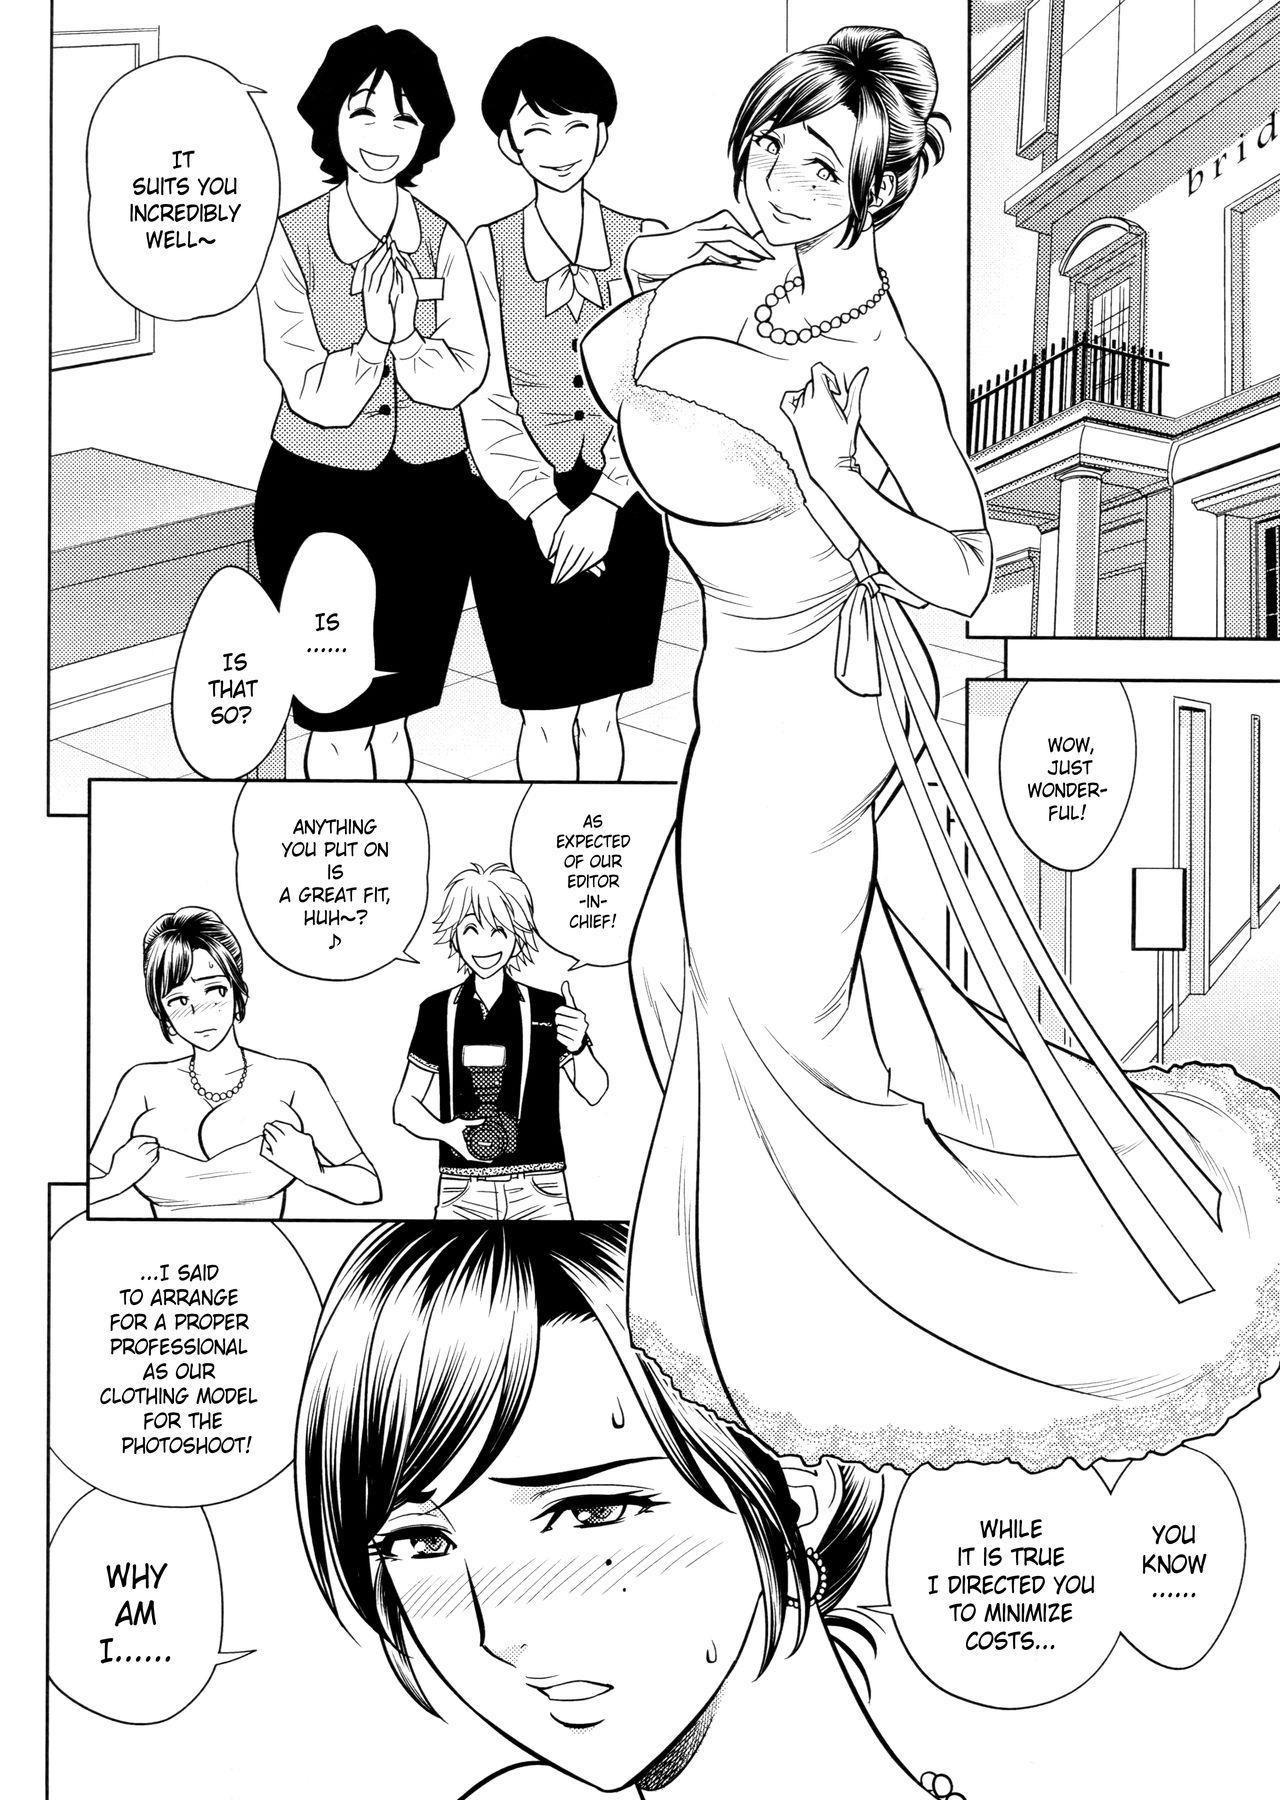 [Tatsunami Youtoku, Yamazaki Masato] Bijin Henshuu-chou no Himitsu | Beautiful Editor-in-Chief's Secret Ch. 1-5 [English] [Forbiddenfetish77, Red Vodka, Crystalium] [Decensored] 85